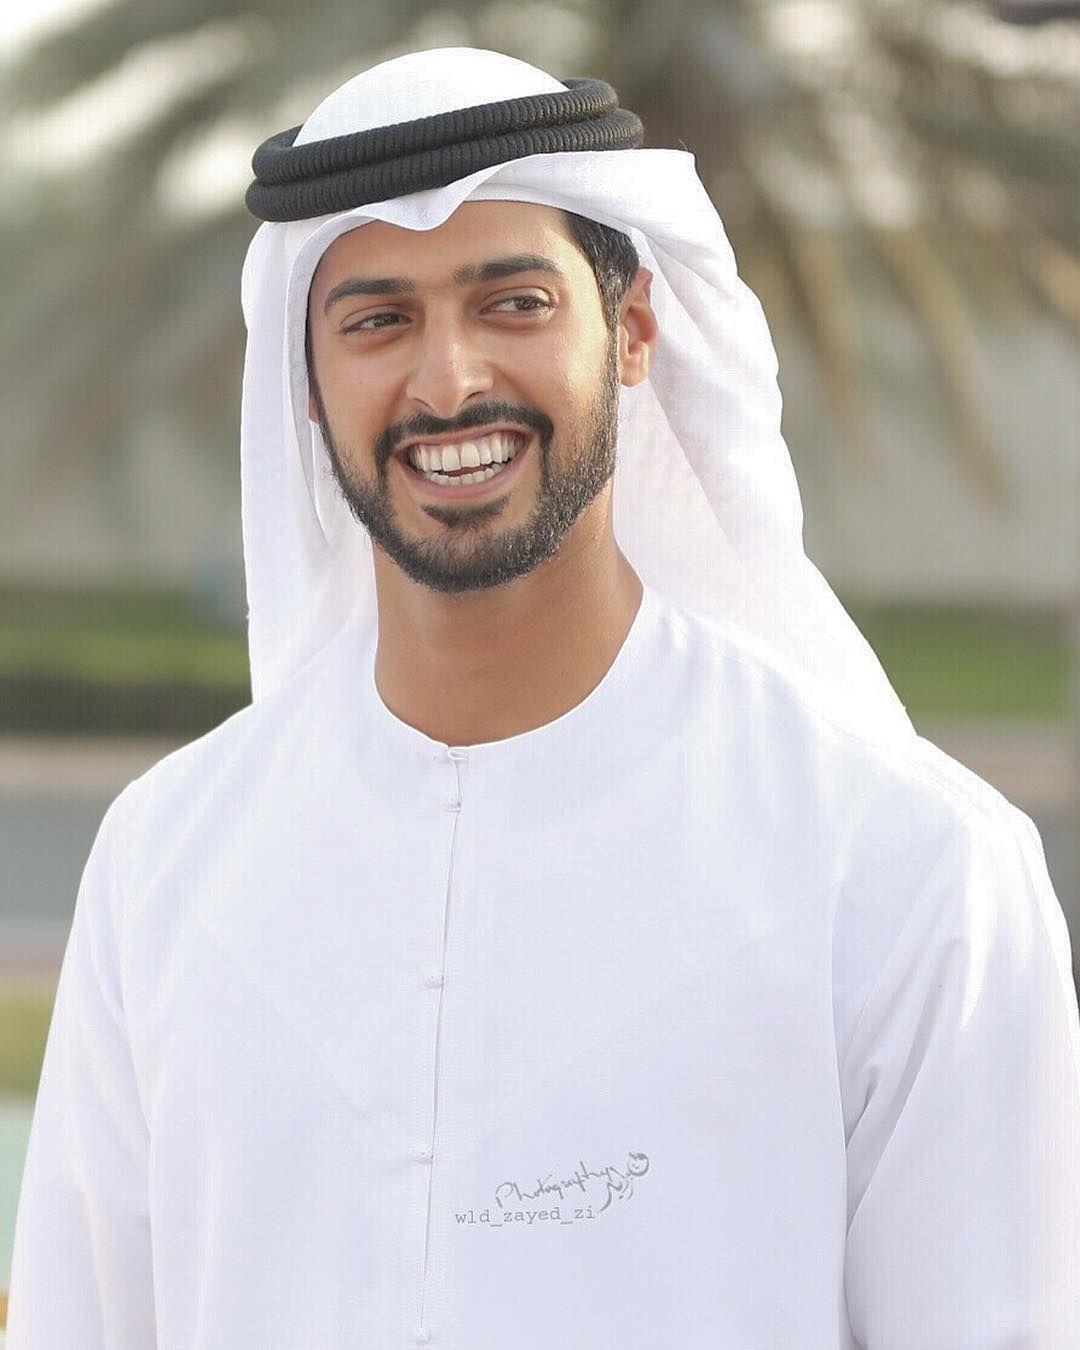 Oremos Por La Recuperacion De Sheikh Zayed Bin Hamdan Bin Zayed Al Nahyan Y De Sus Companeros Rashid Al Balushi Y R Middle Eastern Men Arabian Beauty Arab Men